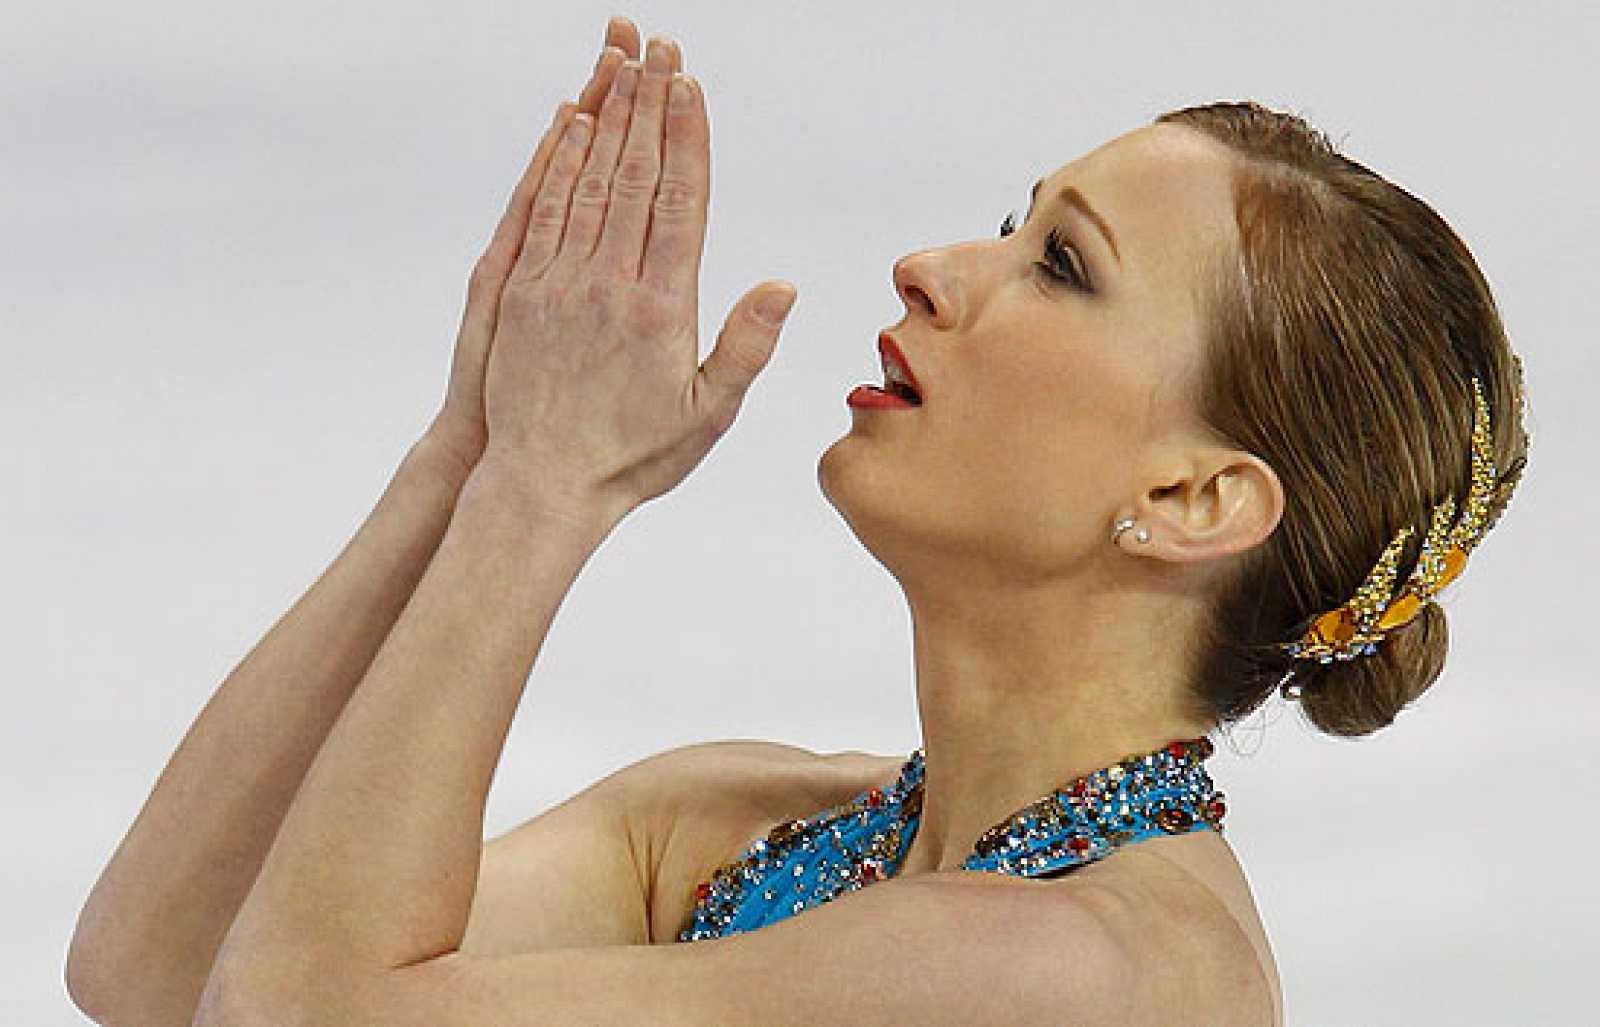 La heroína de los Juegos Olímpicos de Vancouver, Joannie Rochette, gana la medalla de bronce para poder dedicársela a su madre recién fallecida.